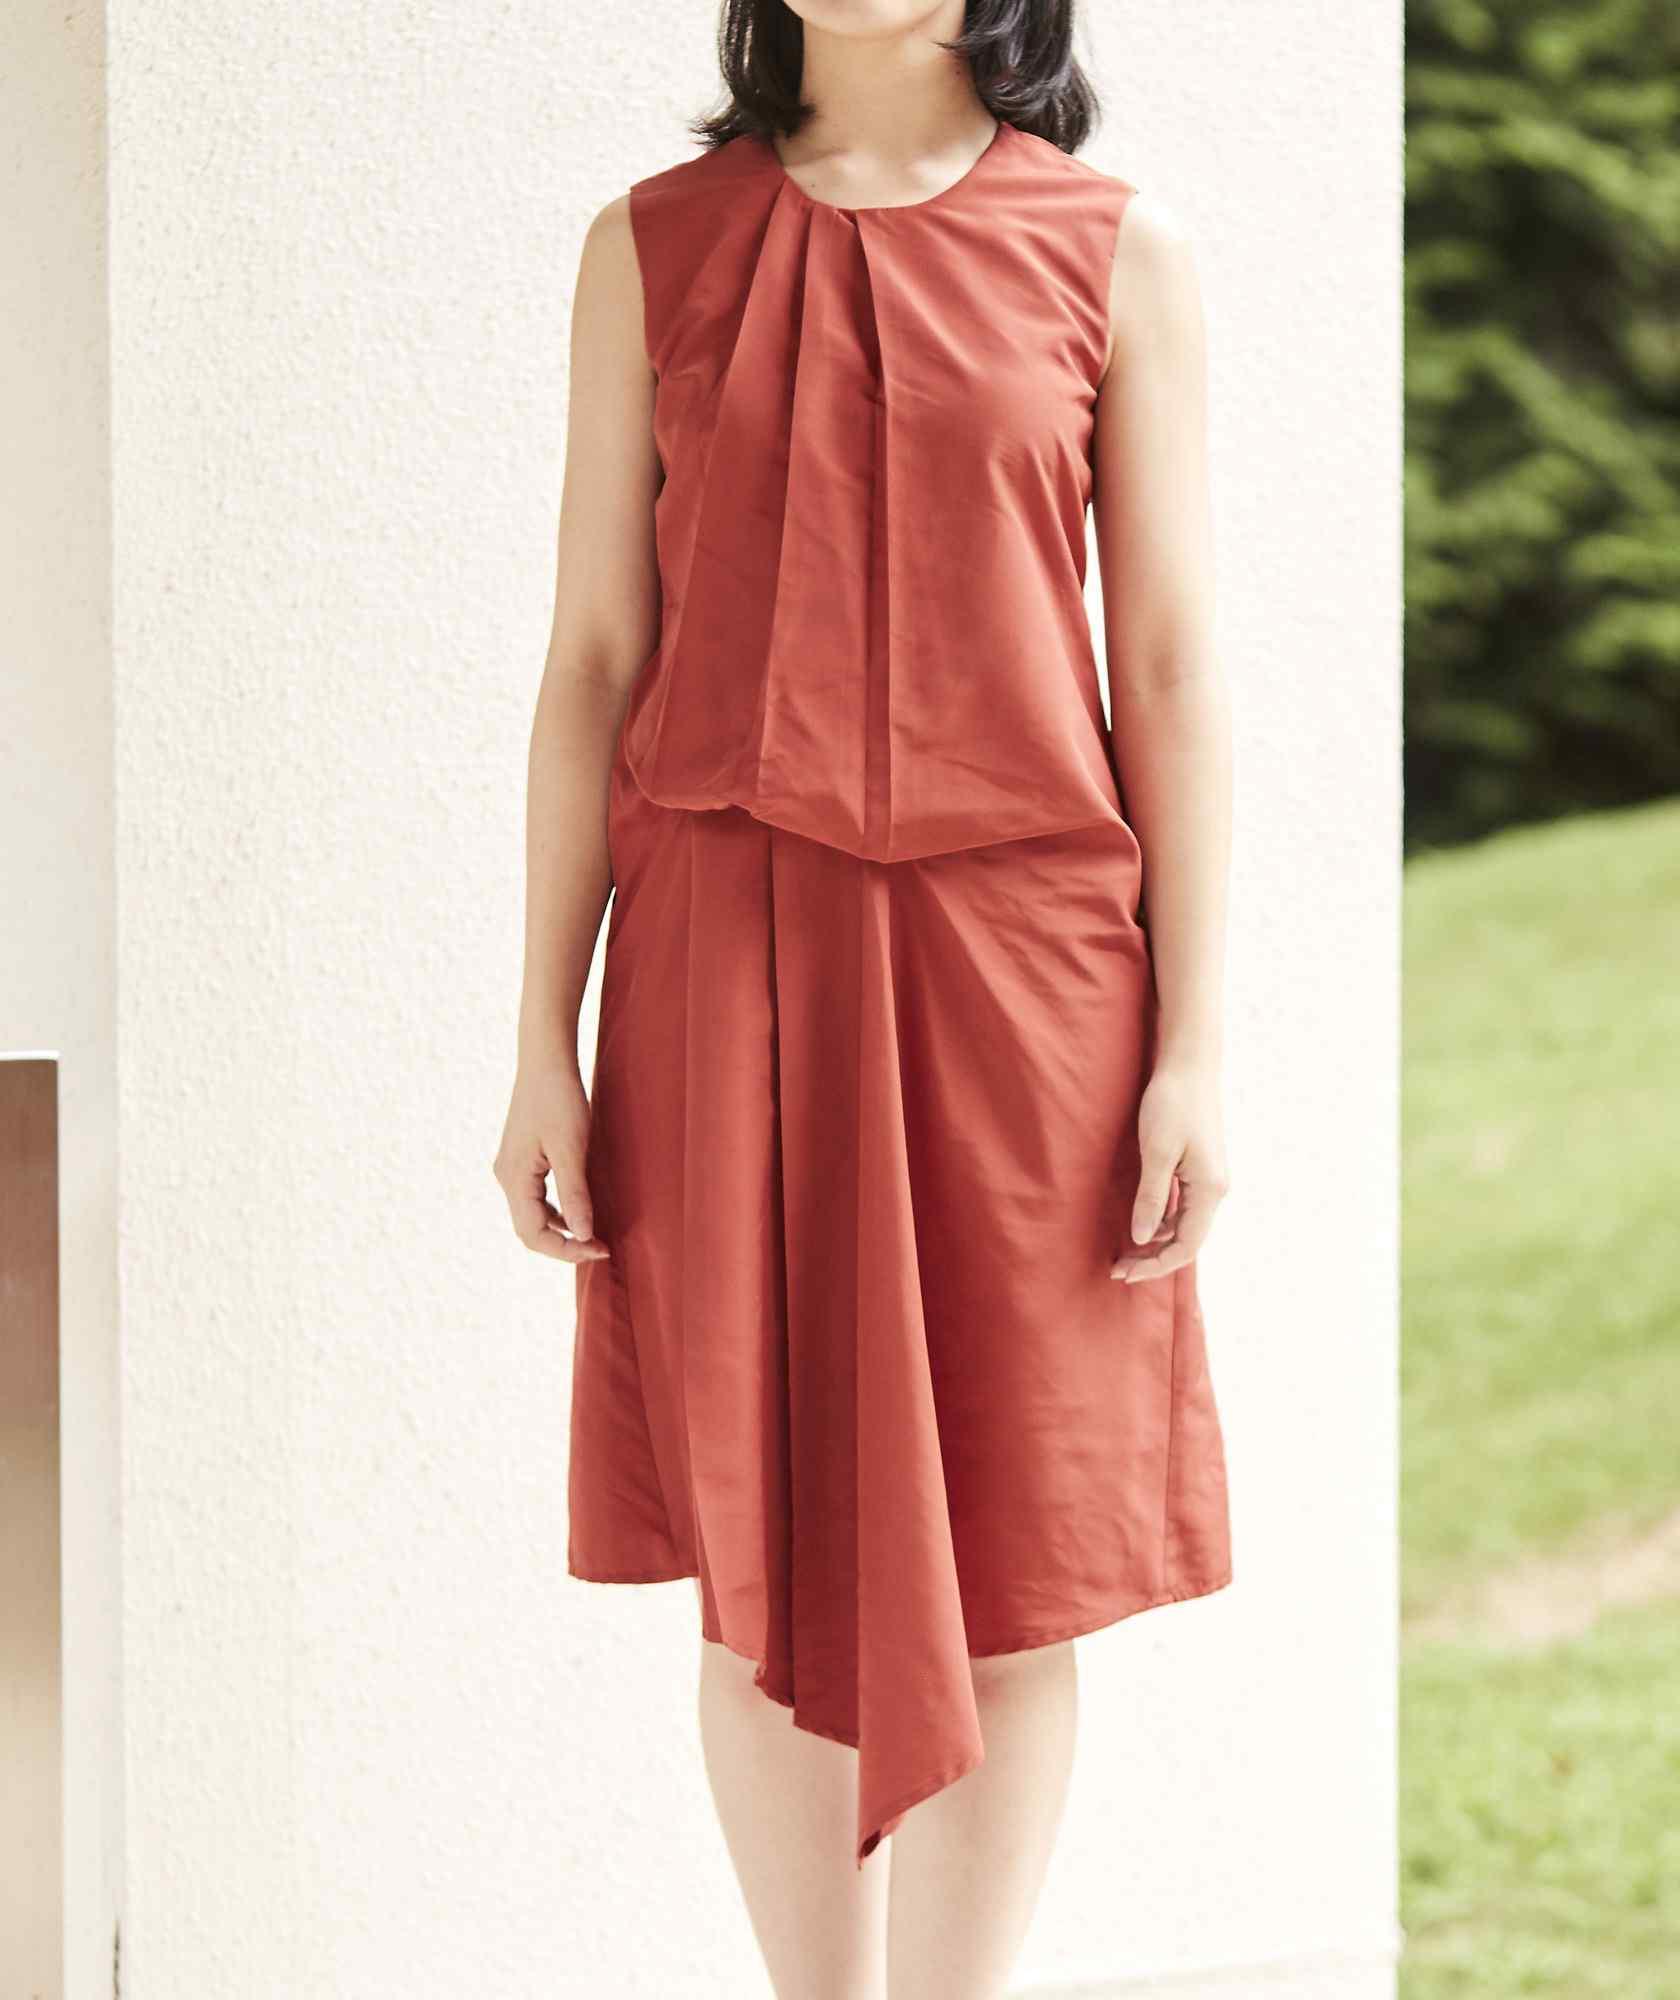 クルーネックデザイントップOGAラインミディアムドレス-オレンジ-M